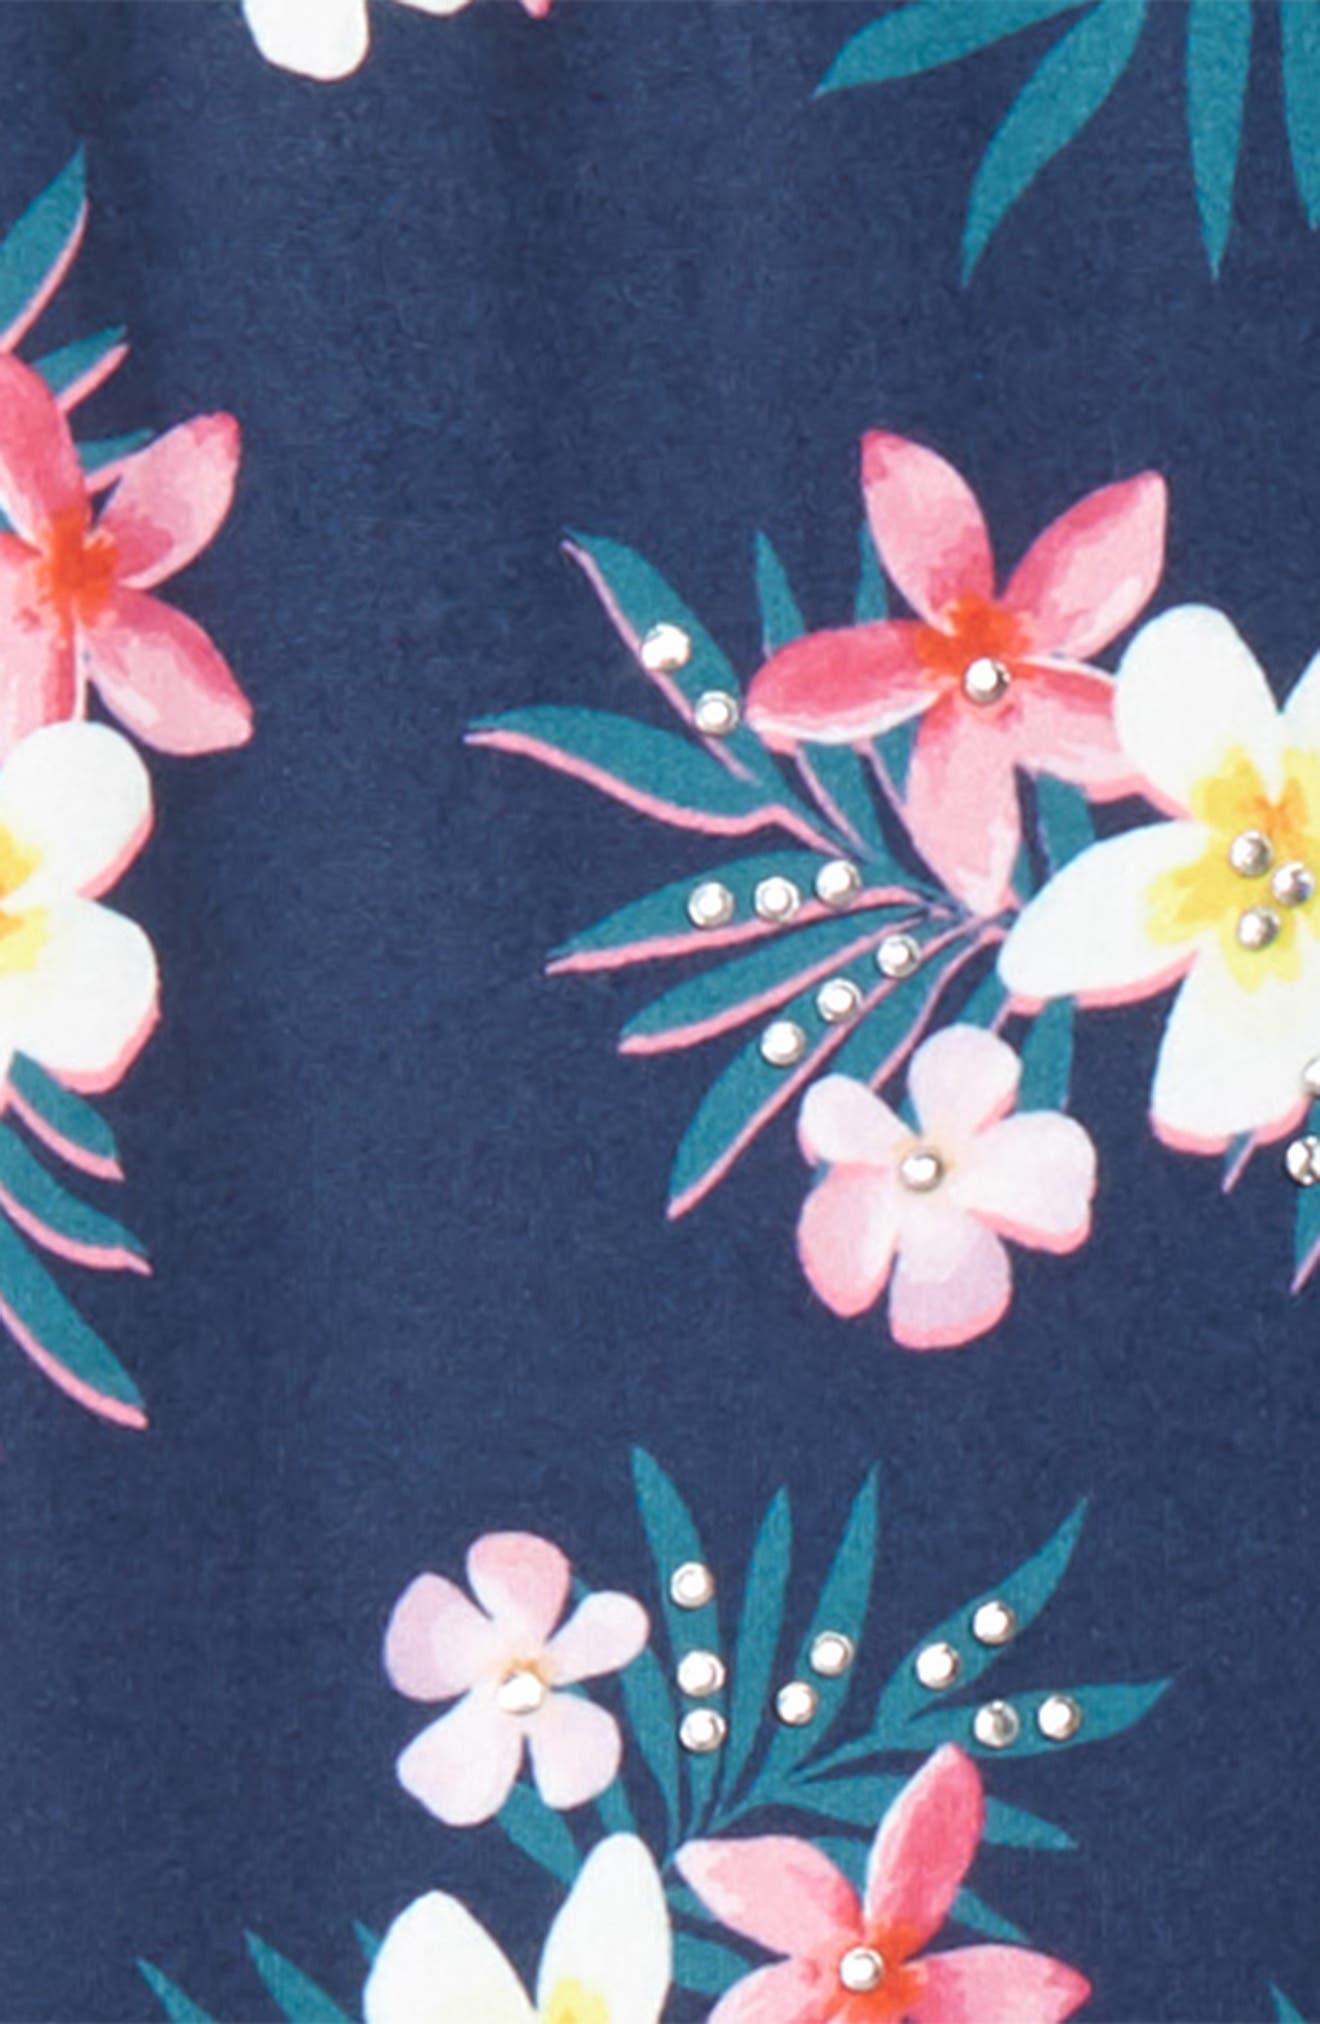 Embellished Floral Print Leggings,                             Alternate thumbnail 4, color,                             418